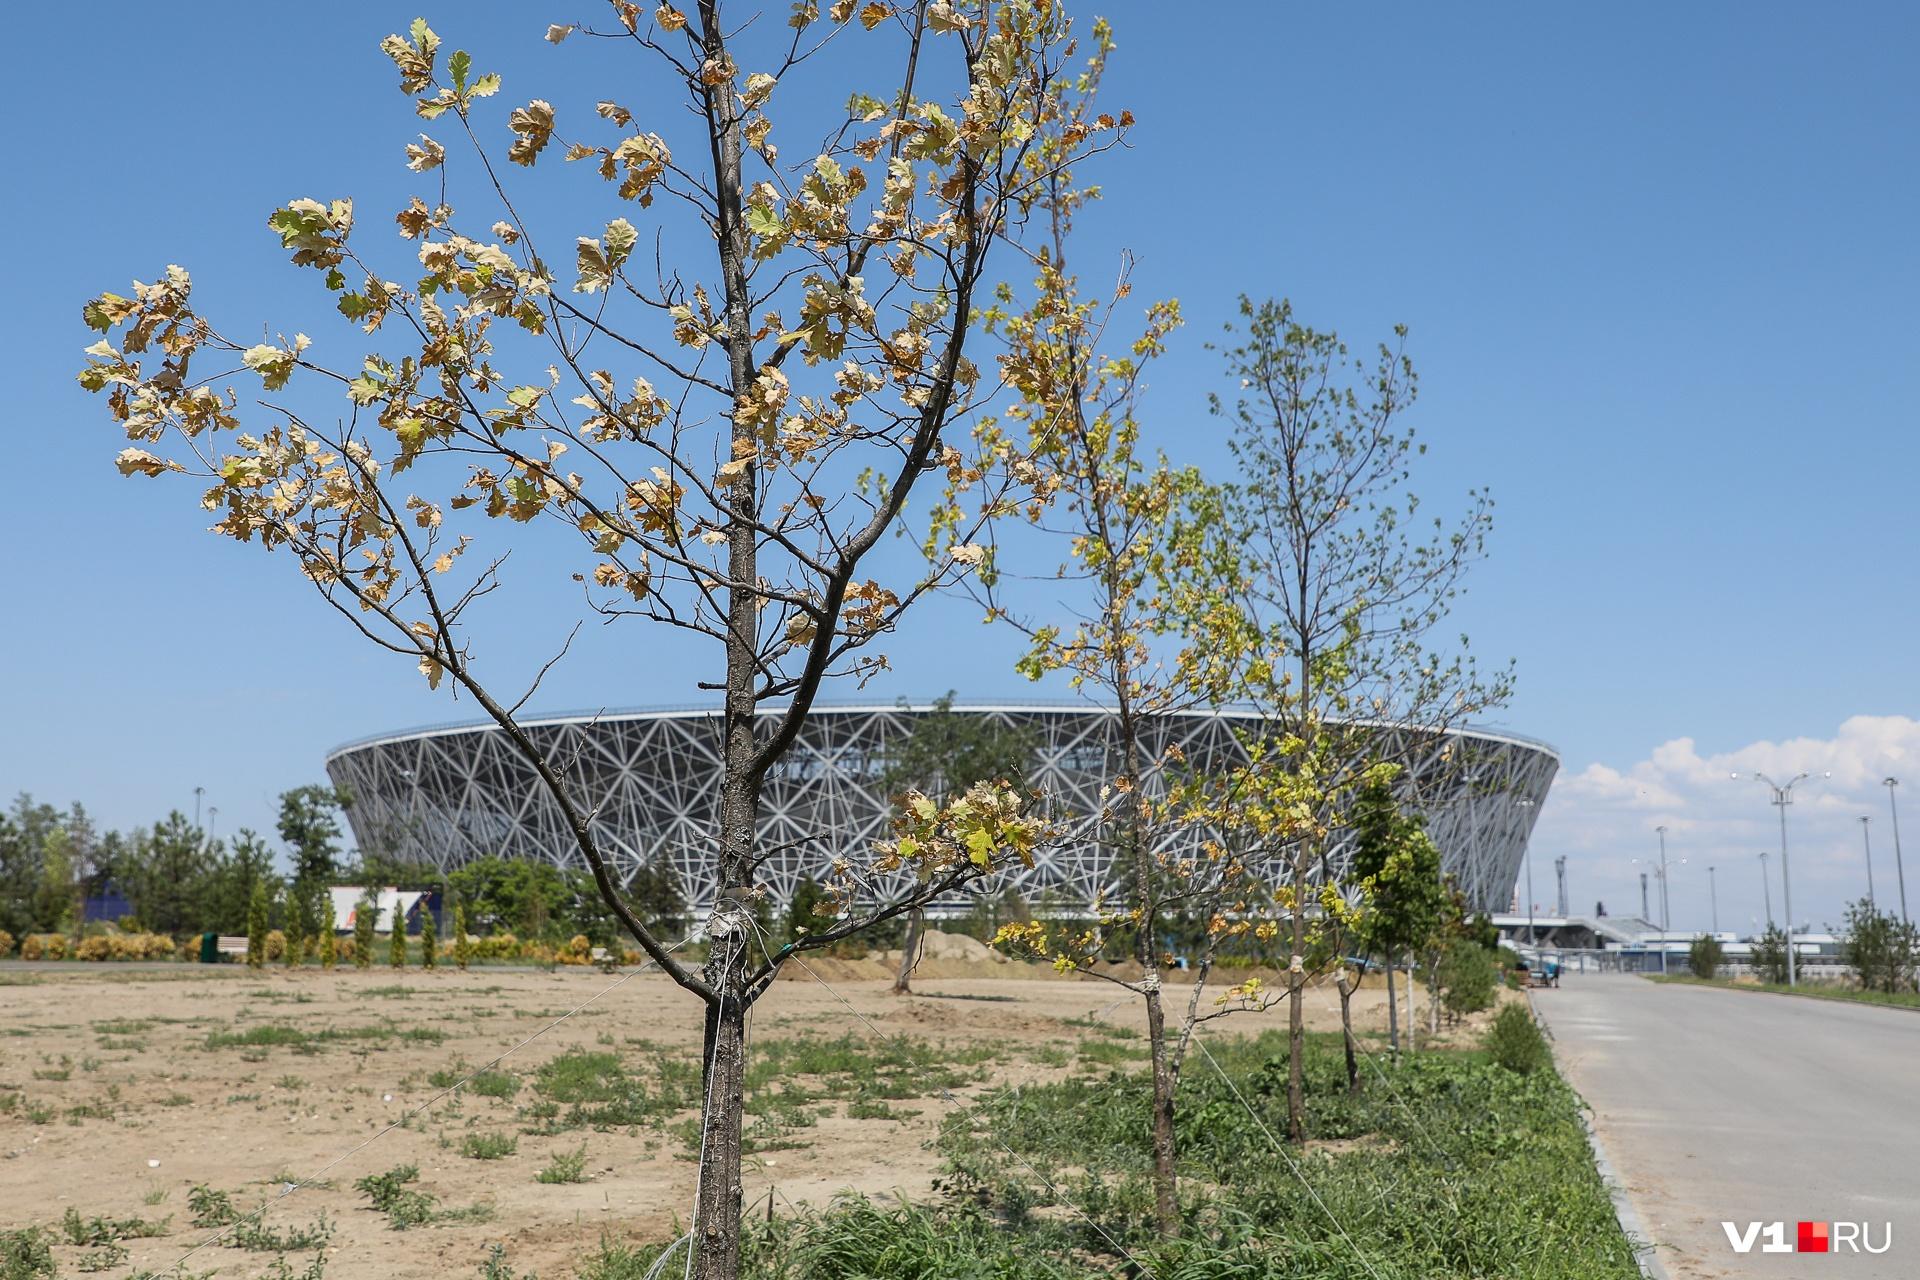 Сохнут без полива не только молодые елочки, но и заботливо выращенные многолетние деревья